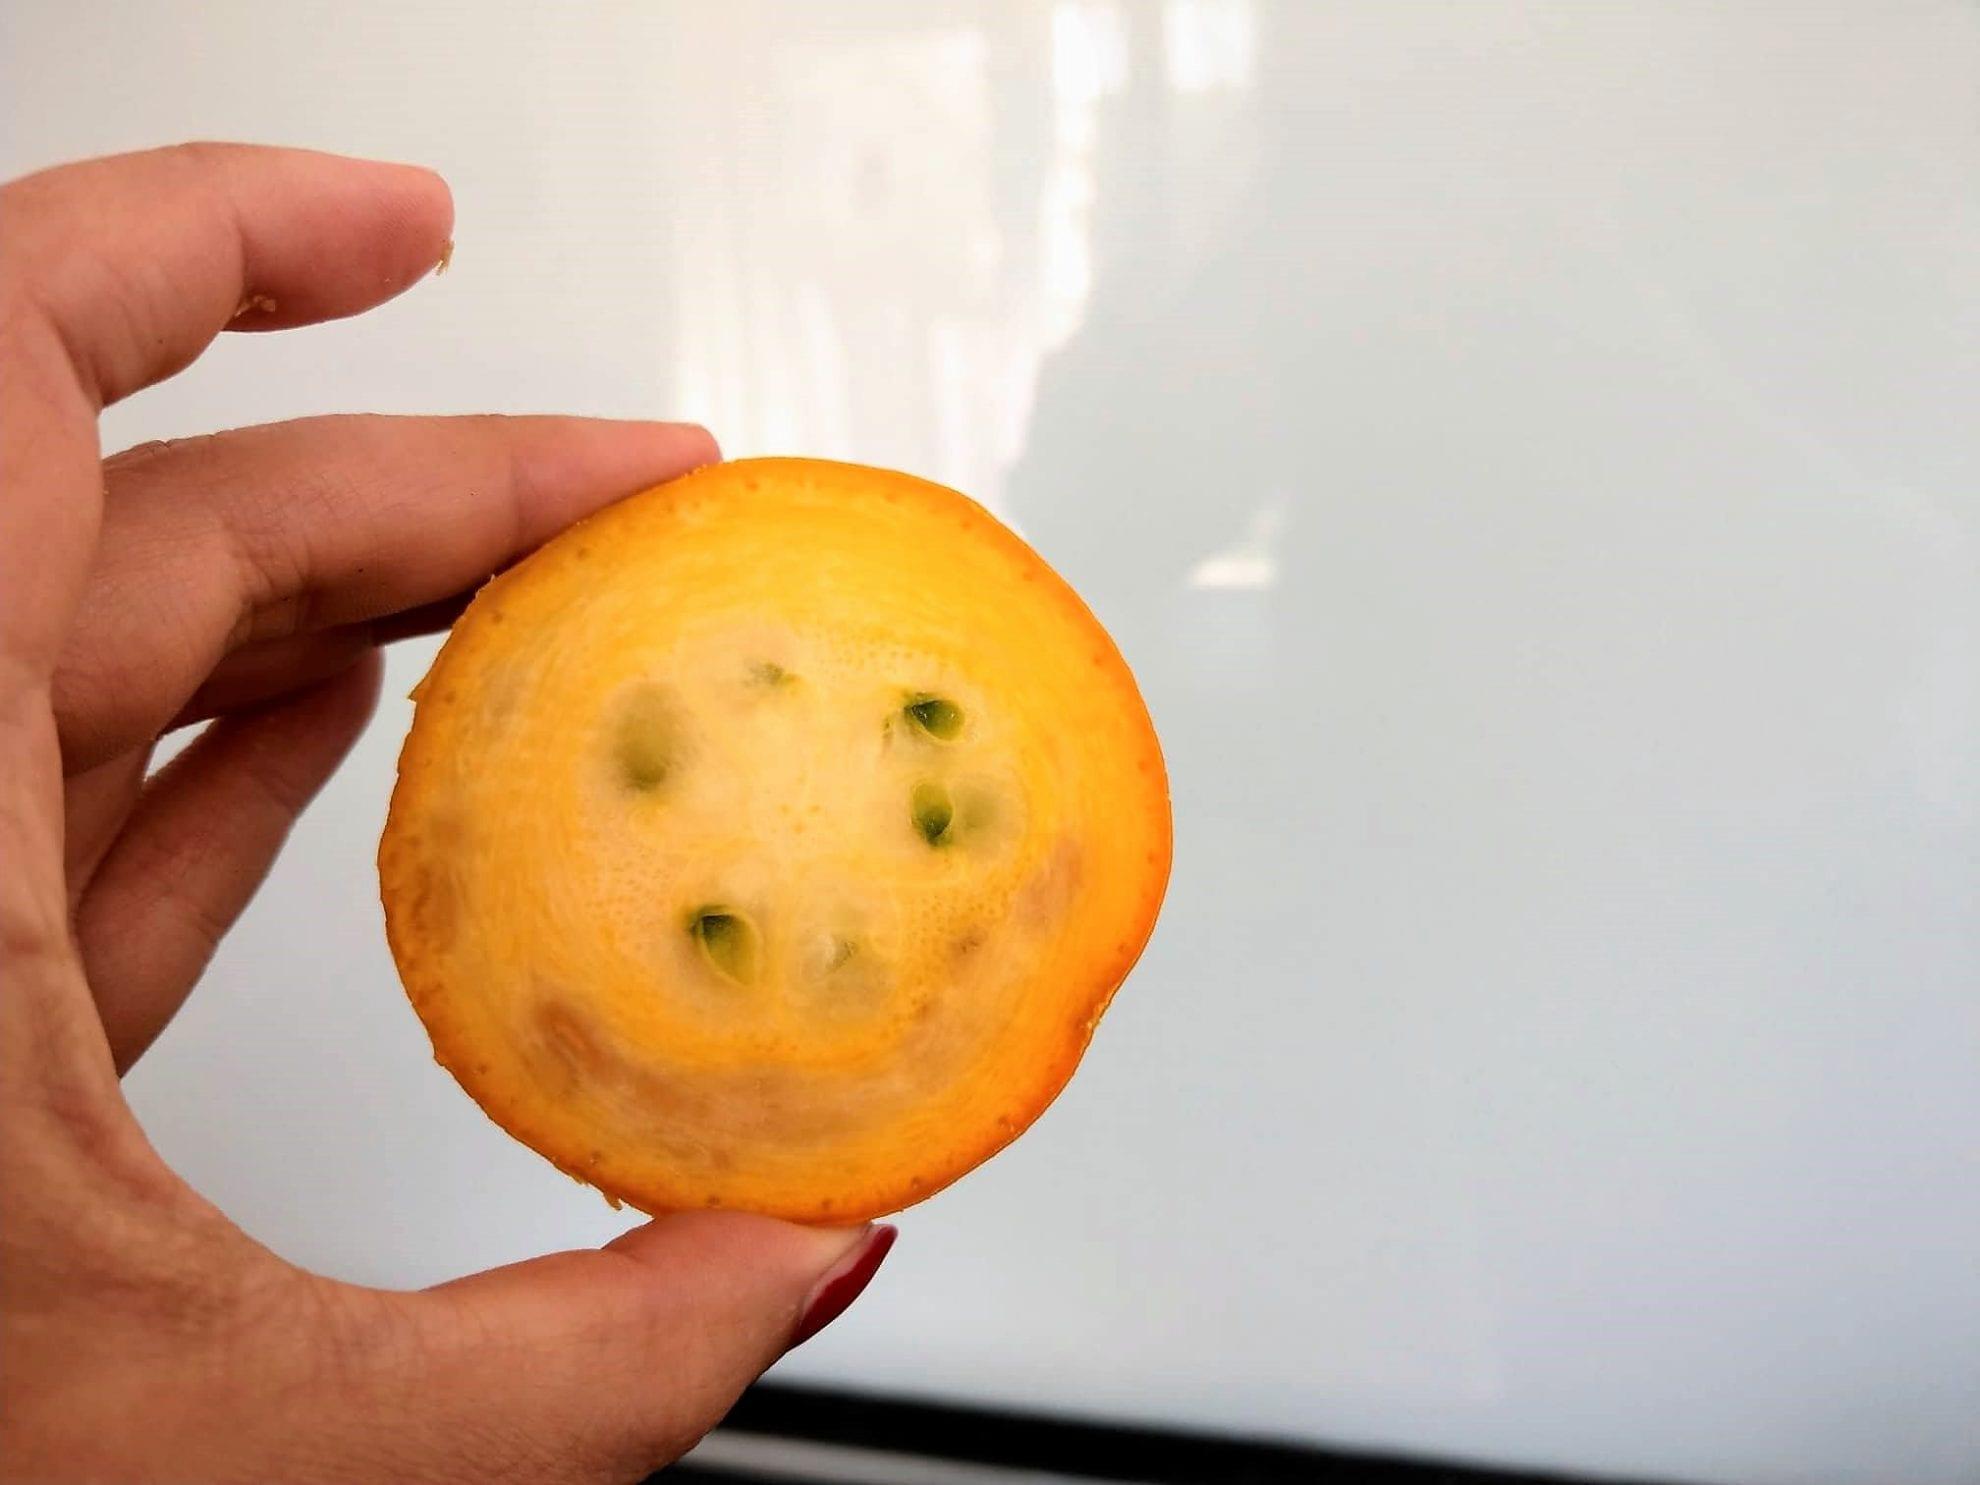 12 von 12 im September 2018, Zucchinischeibe, gelb, Zucchini, Eigenanbau, Gartenliebe, Garten